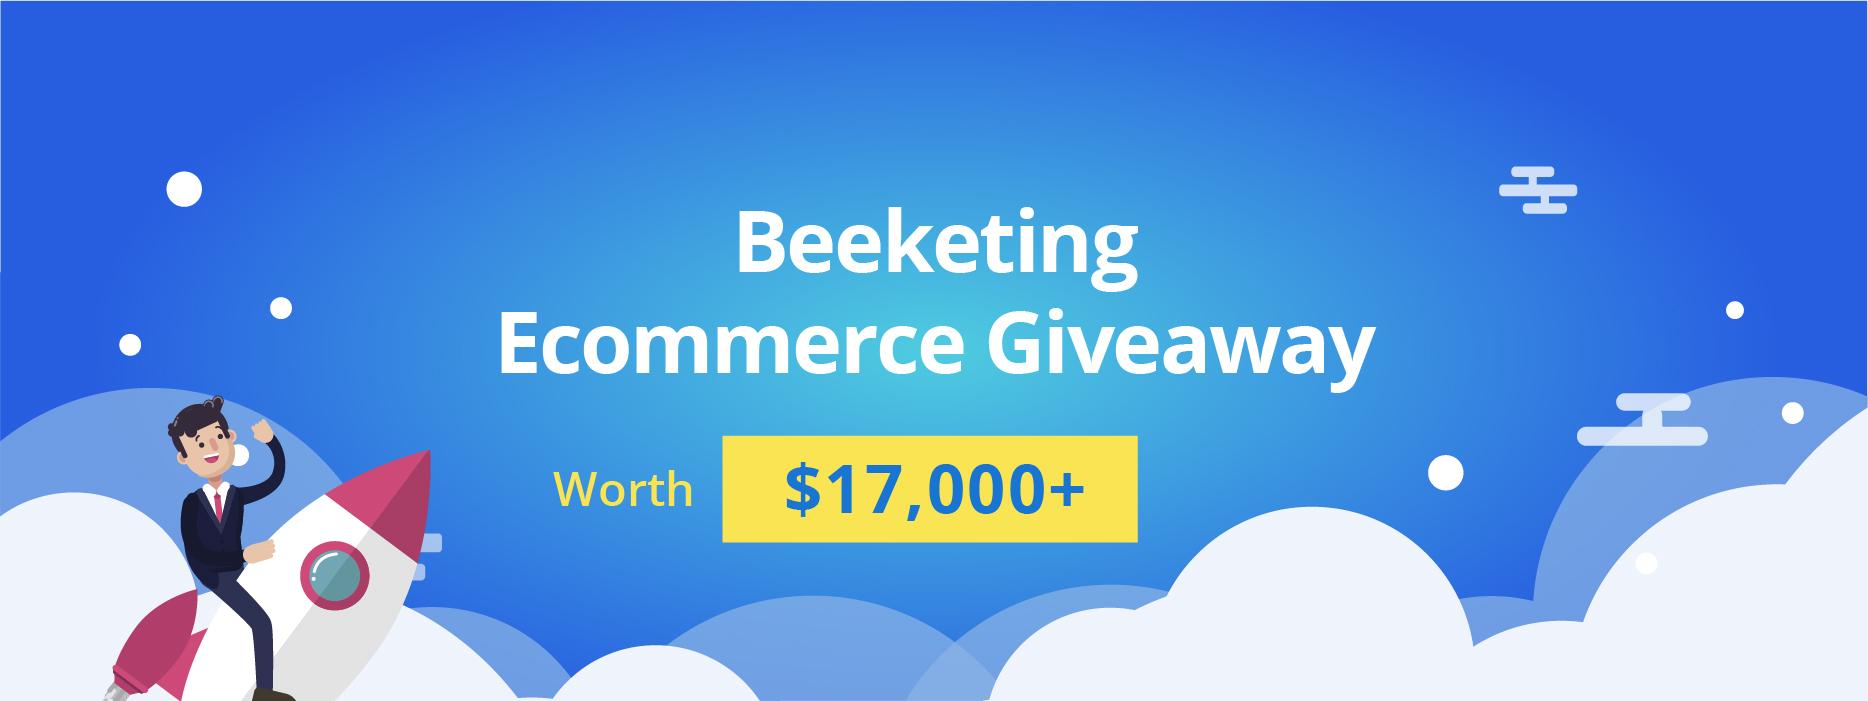 beeketing ecommerce giveaway